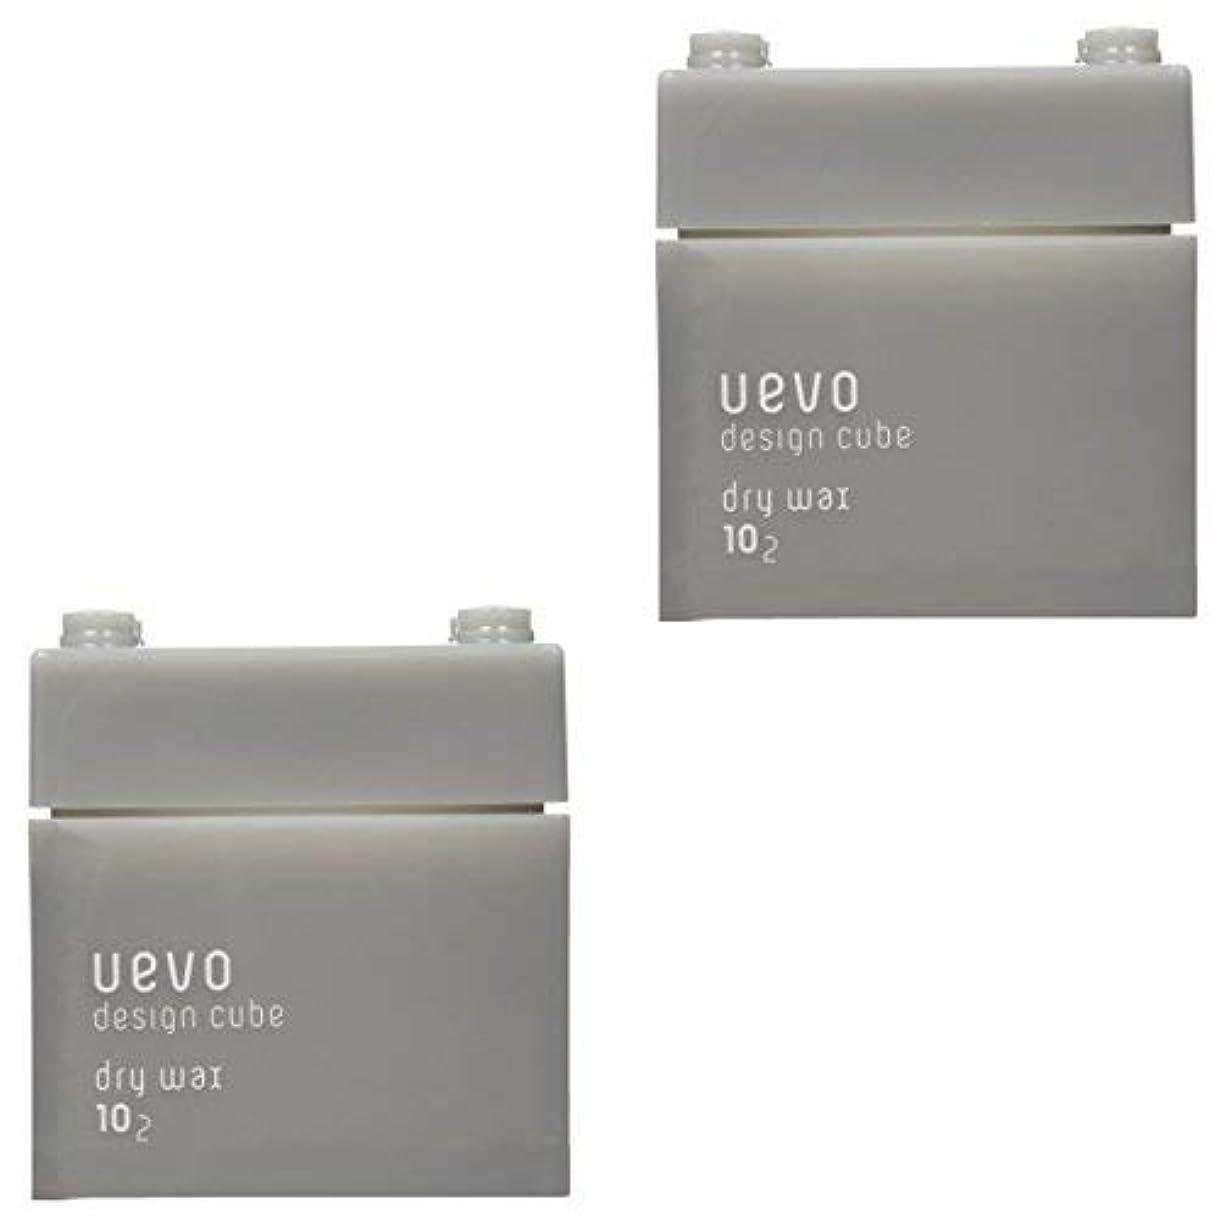 示す意味のある起こりやすい【X2個セット】 デミ ウェーボ デザインキューブ ドライワックス 80g dry wax DEMI uevo design cube